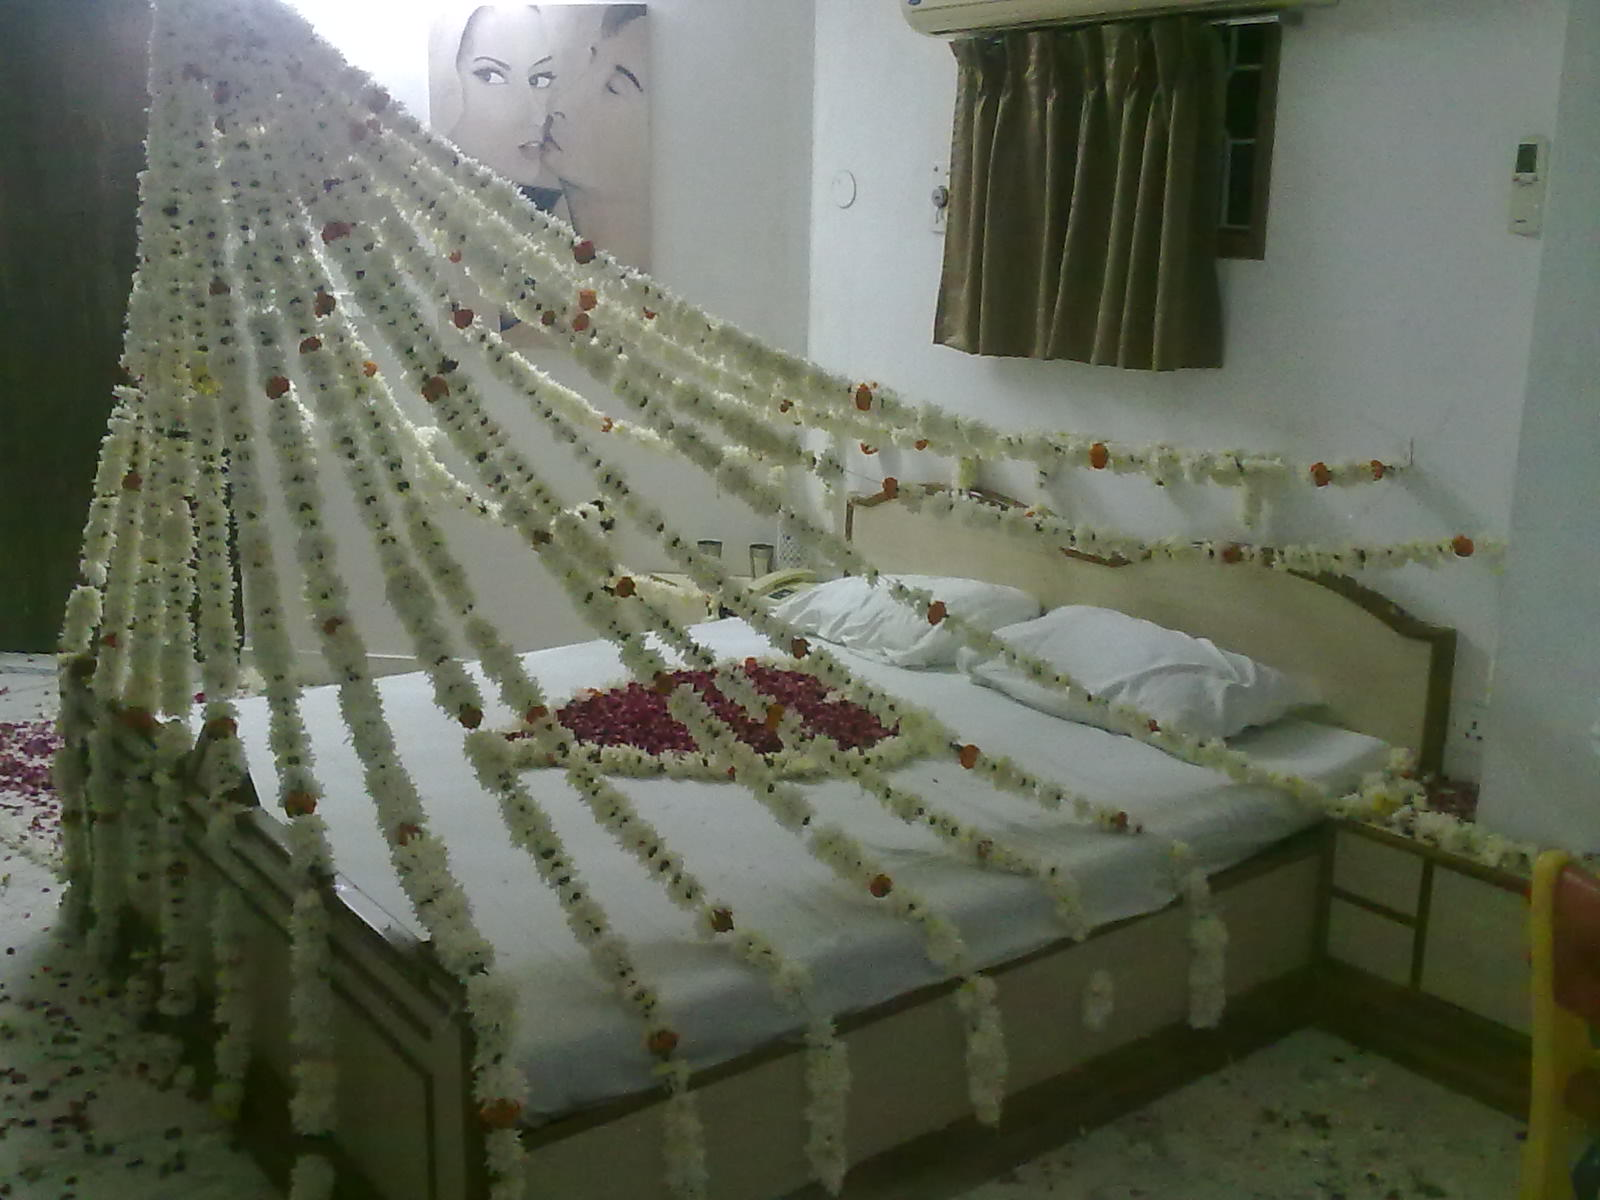 Bridal bed room decoration 44 flower n petals bridal bed room decoration 44 junglespirit Images